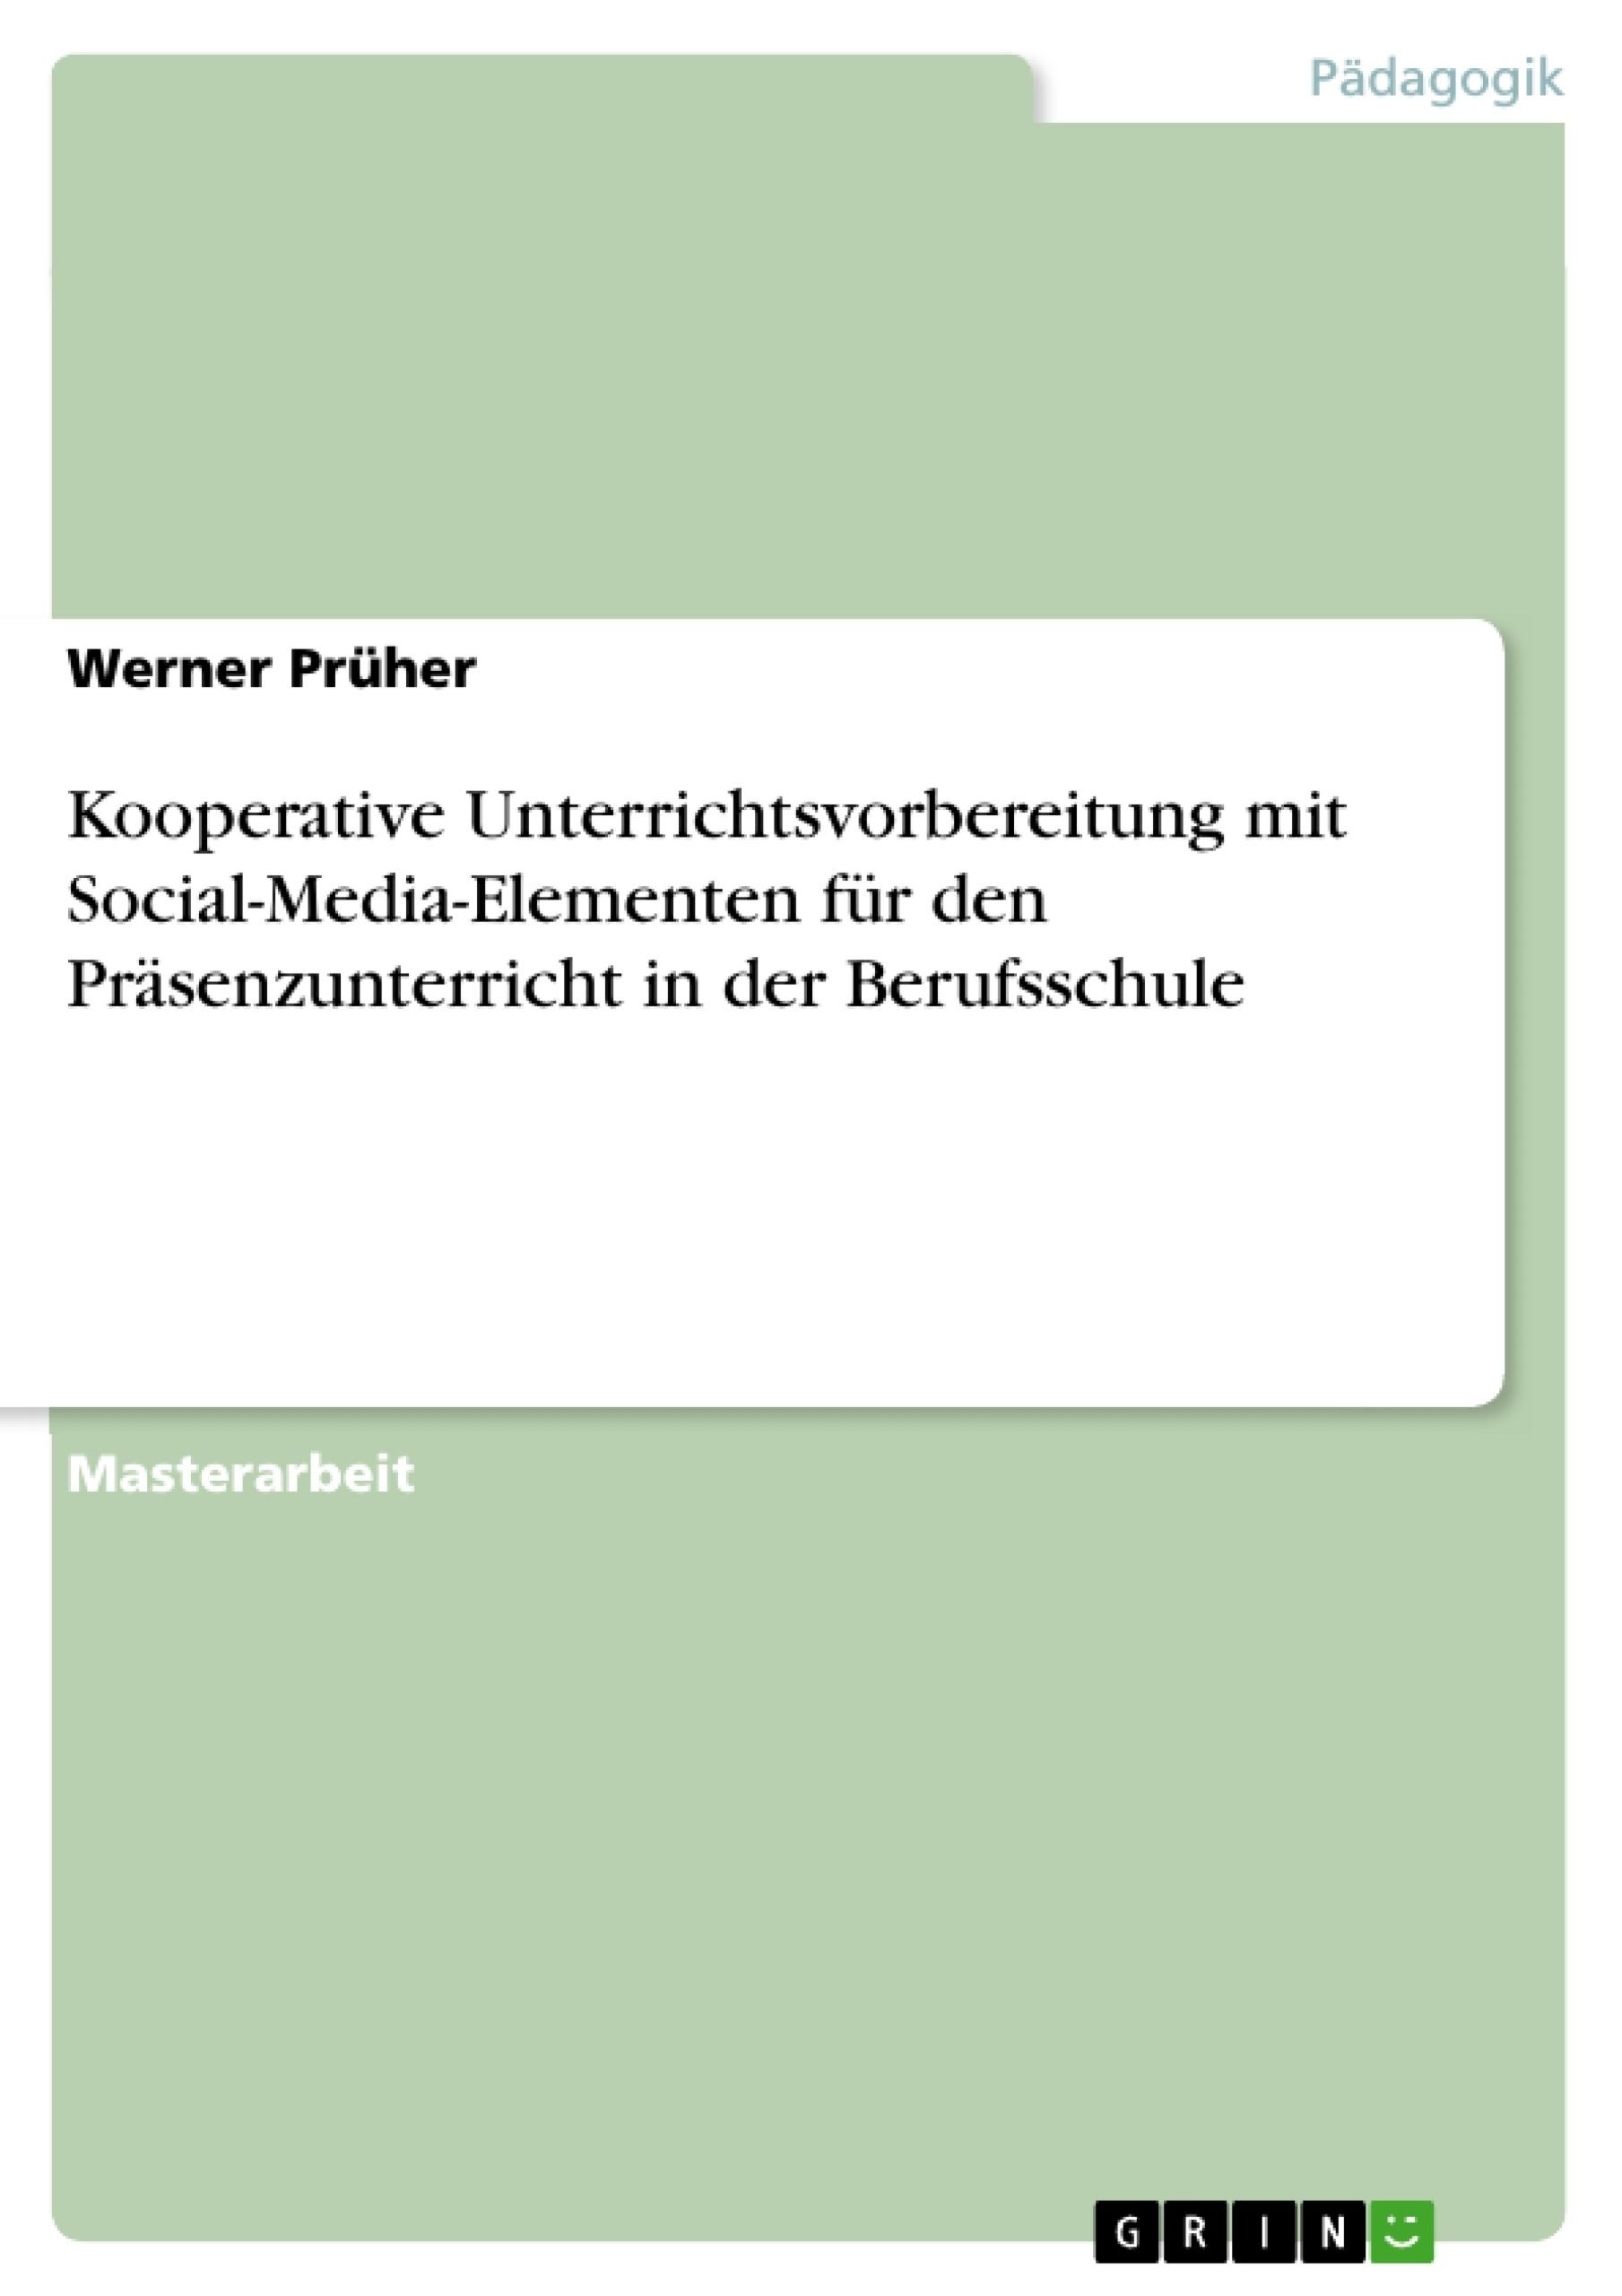 Titel: Kooperative Unterrichtsvorbereitung  mit Social-Media-Elementen für den  Präsenzunterricht in der Berufsschule